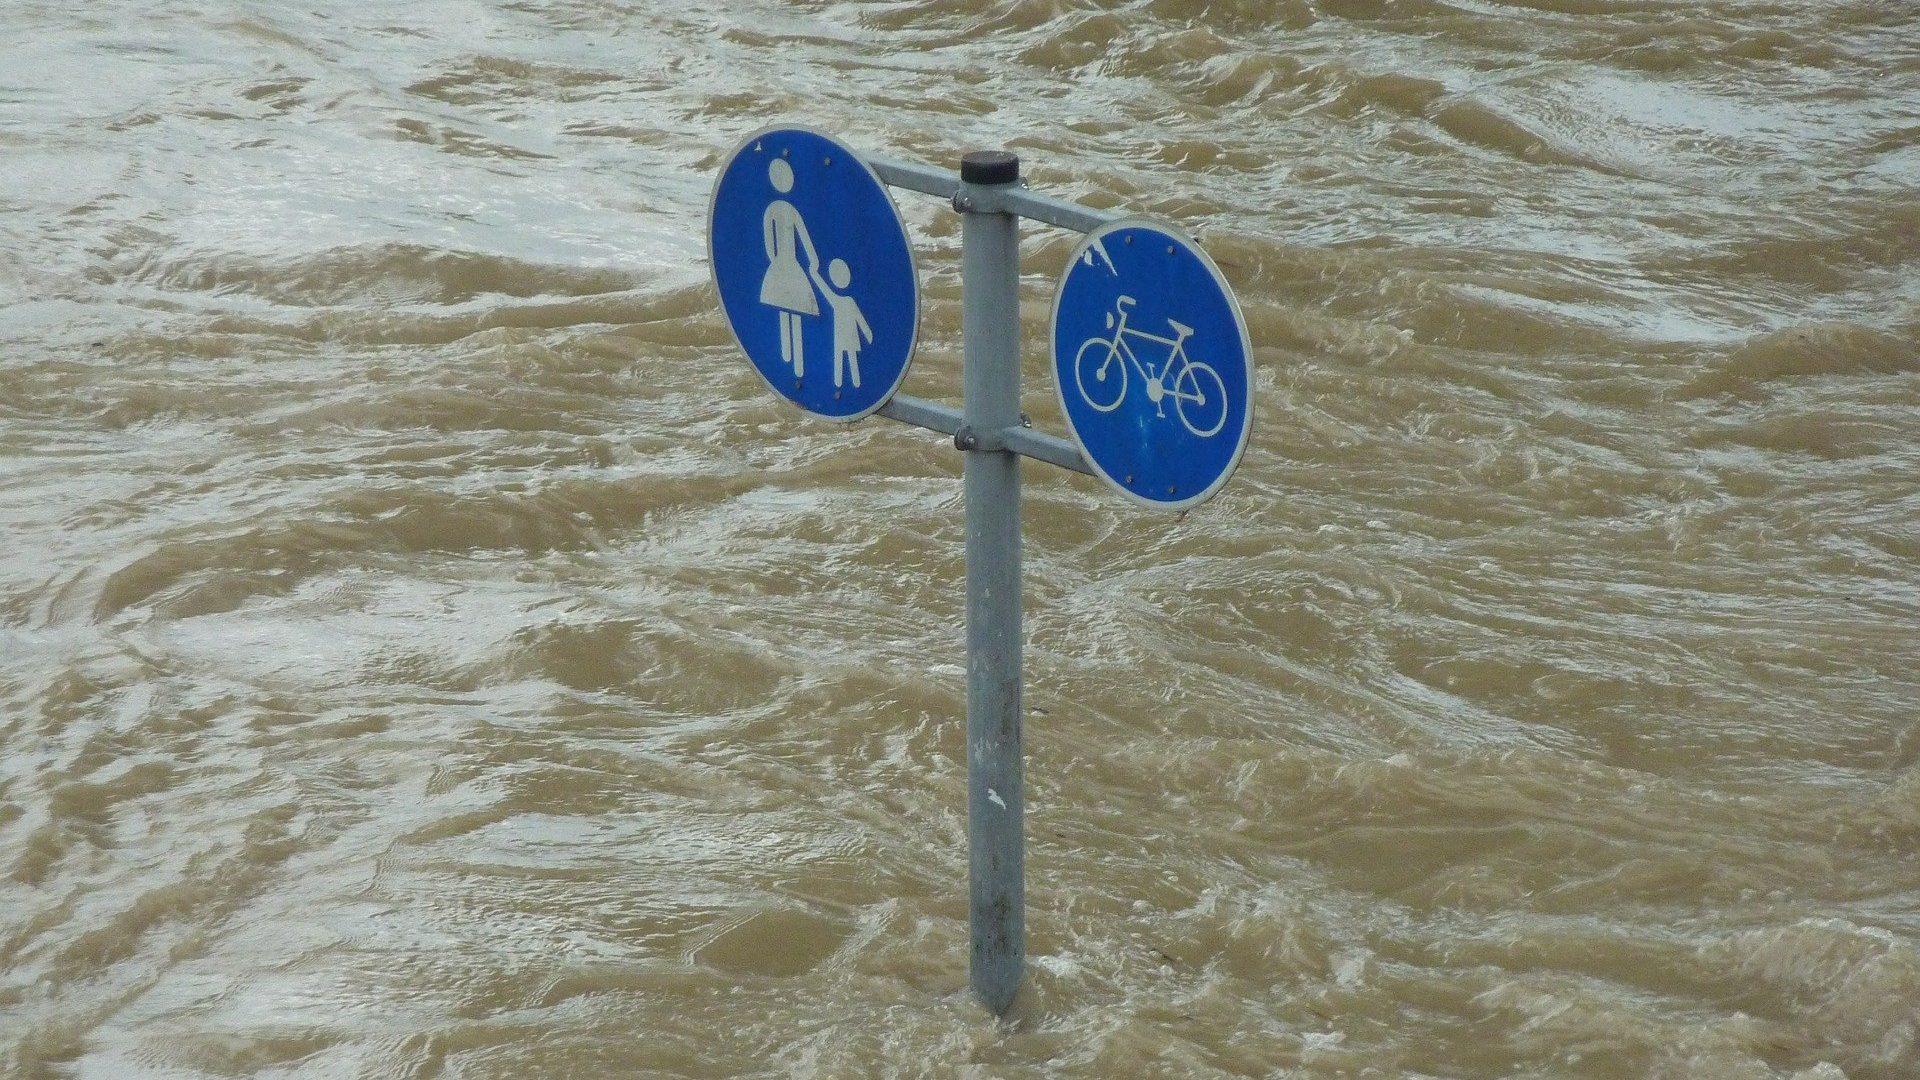 דוח האקלים וסכנת ההצפות: האם חברות הביטוח לא יבטחו בעתיד בתים צמודי קרקע ודירות בקומות נמוכות?